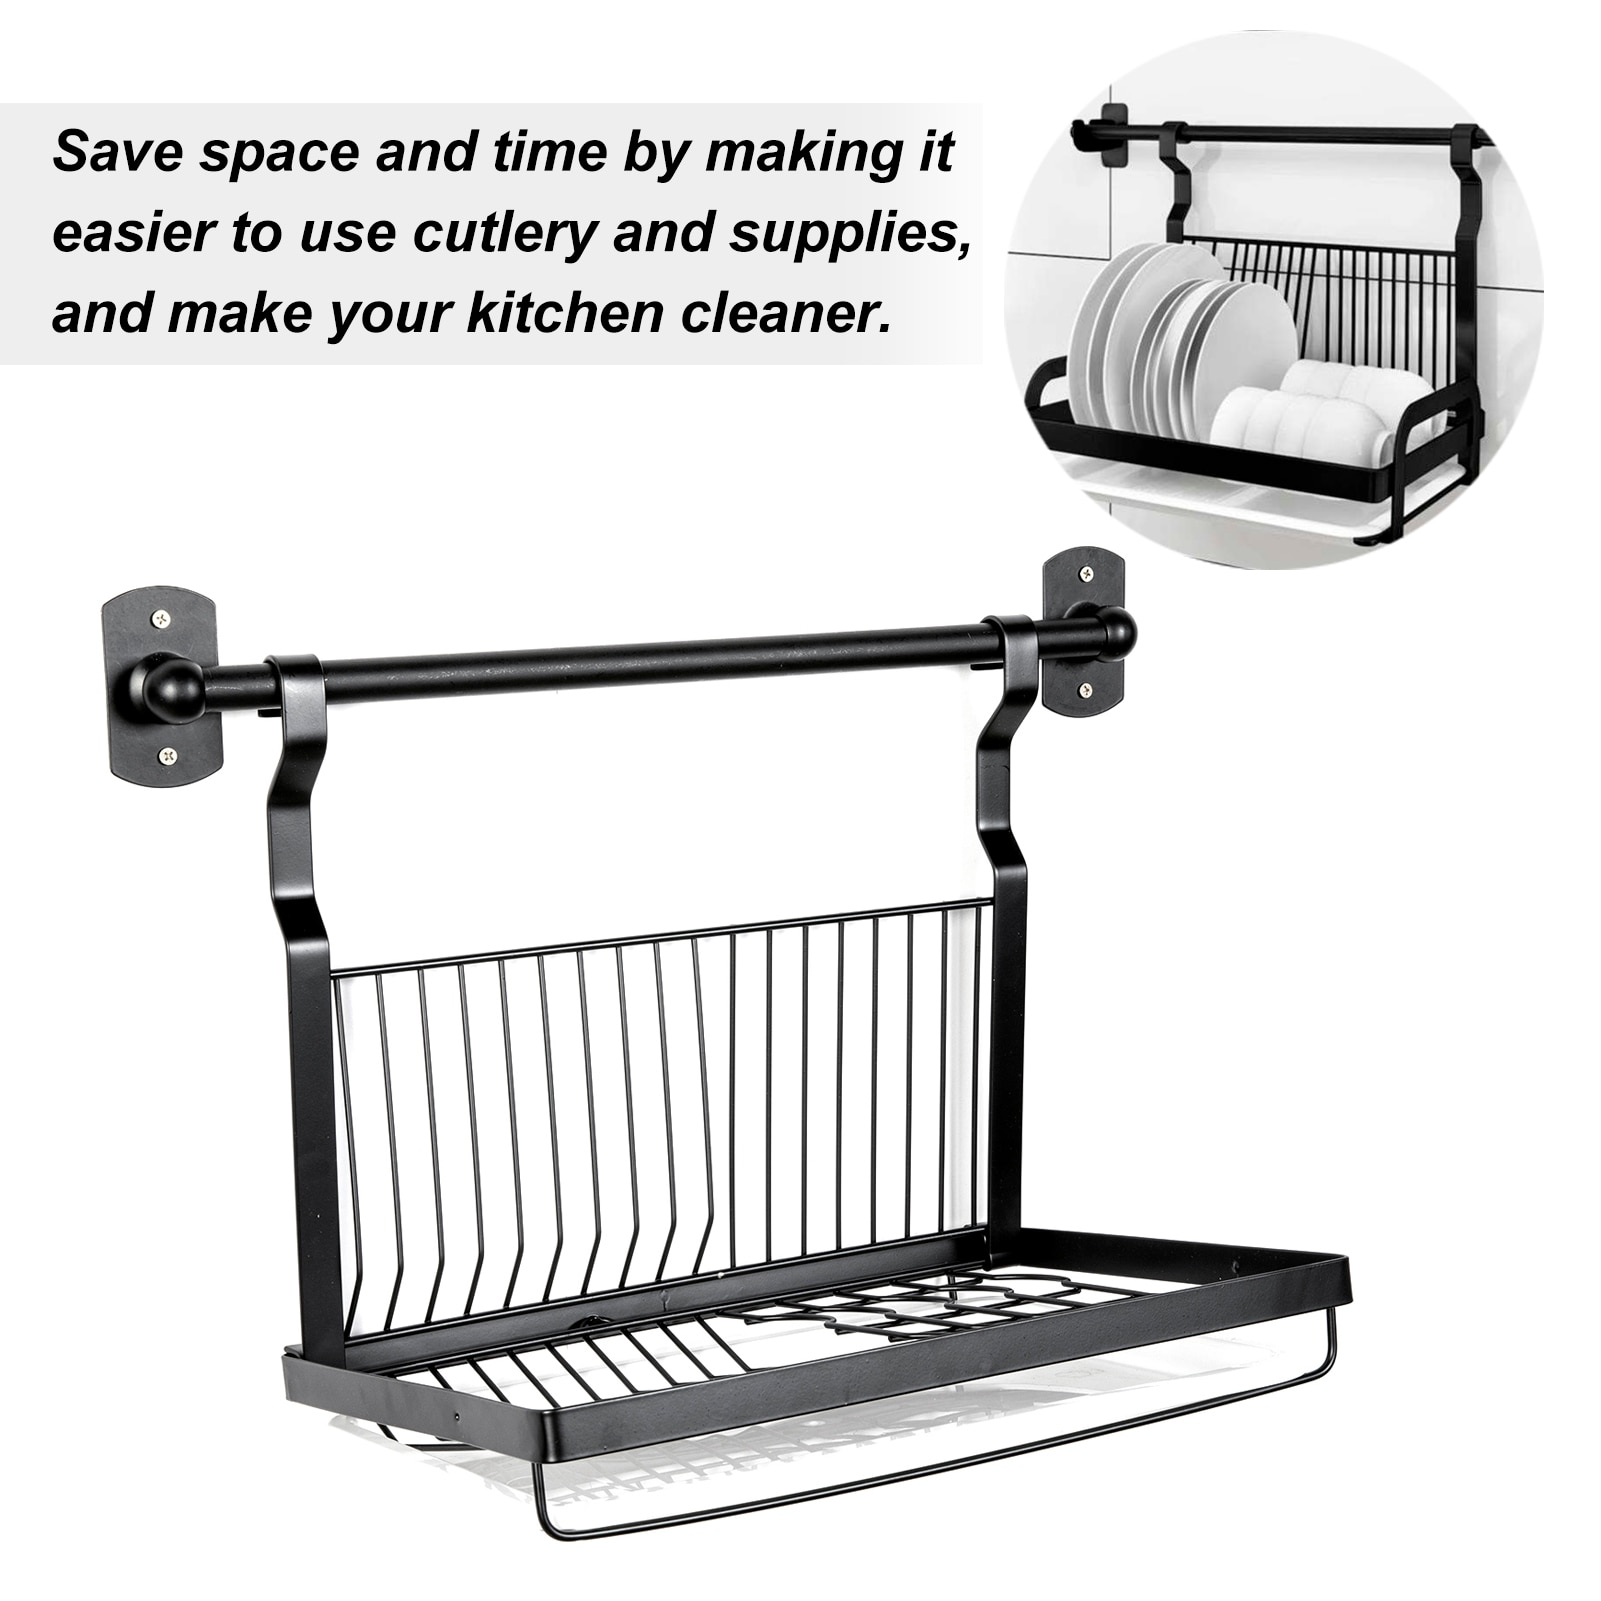 رف تجفيف الأطباق فوق الحوض ، منظم المطبخ ، خطاف ، مجفف أطباق من الفولاذ المقاوم للصدأ